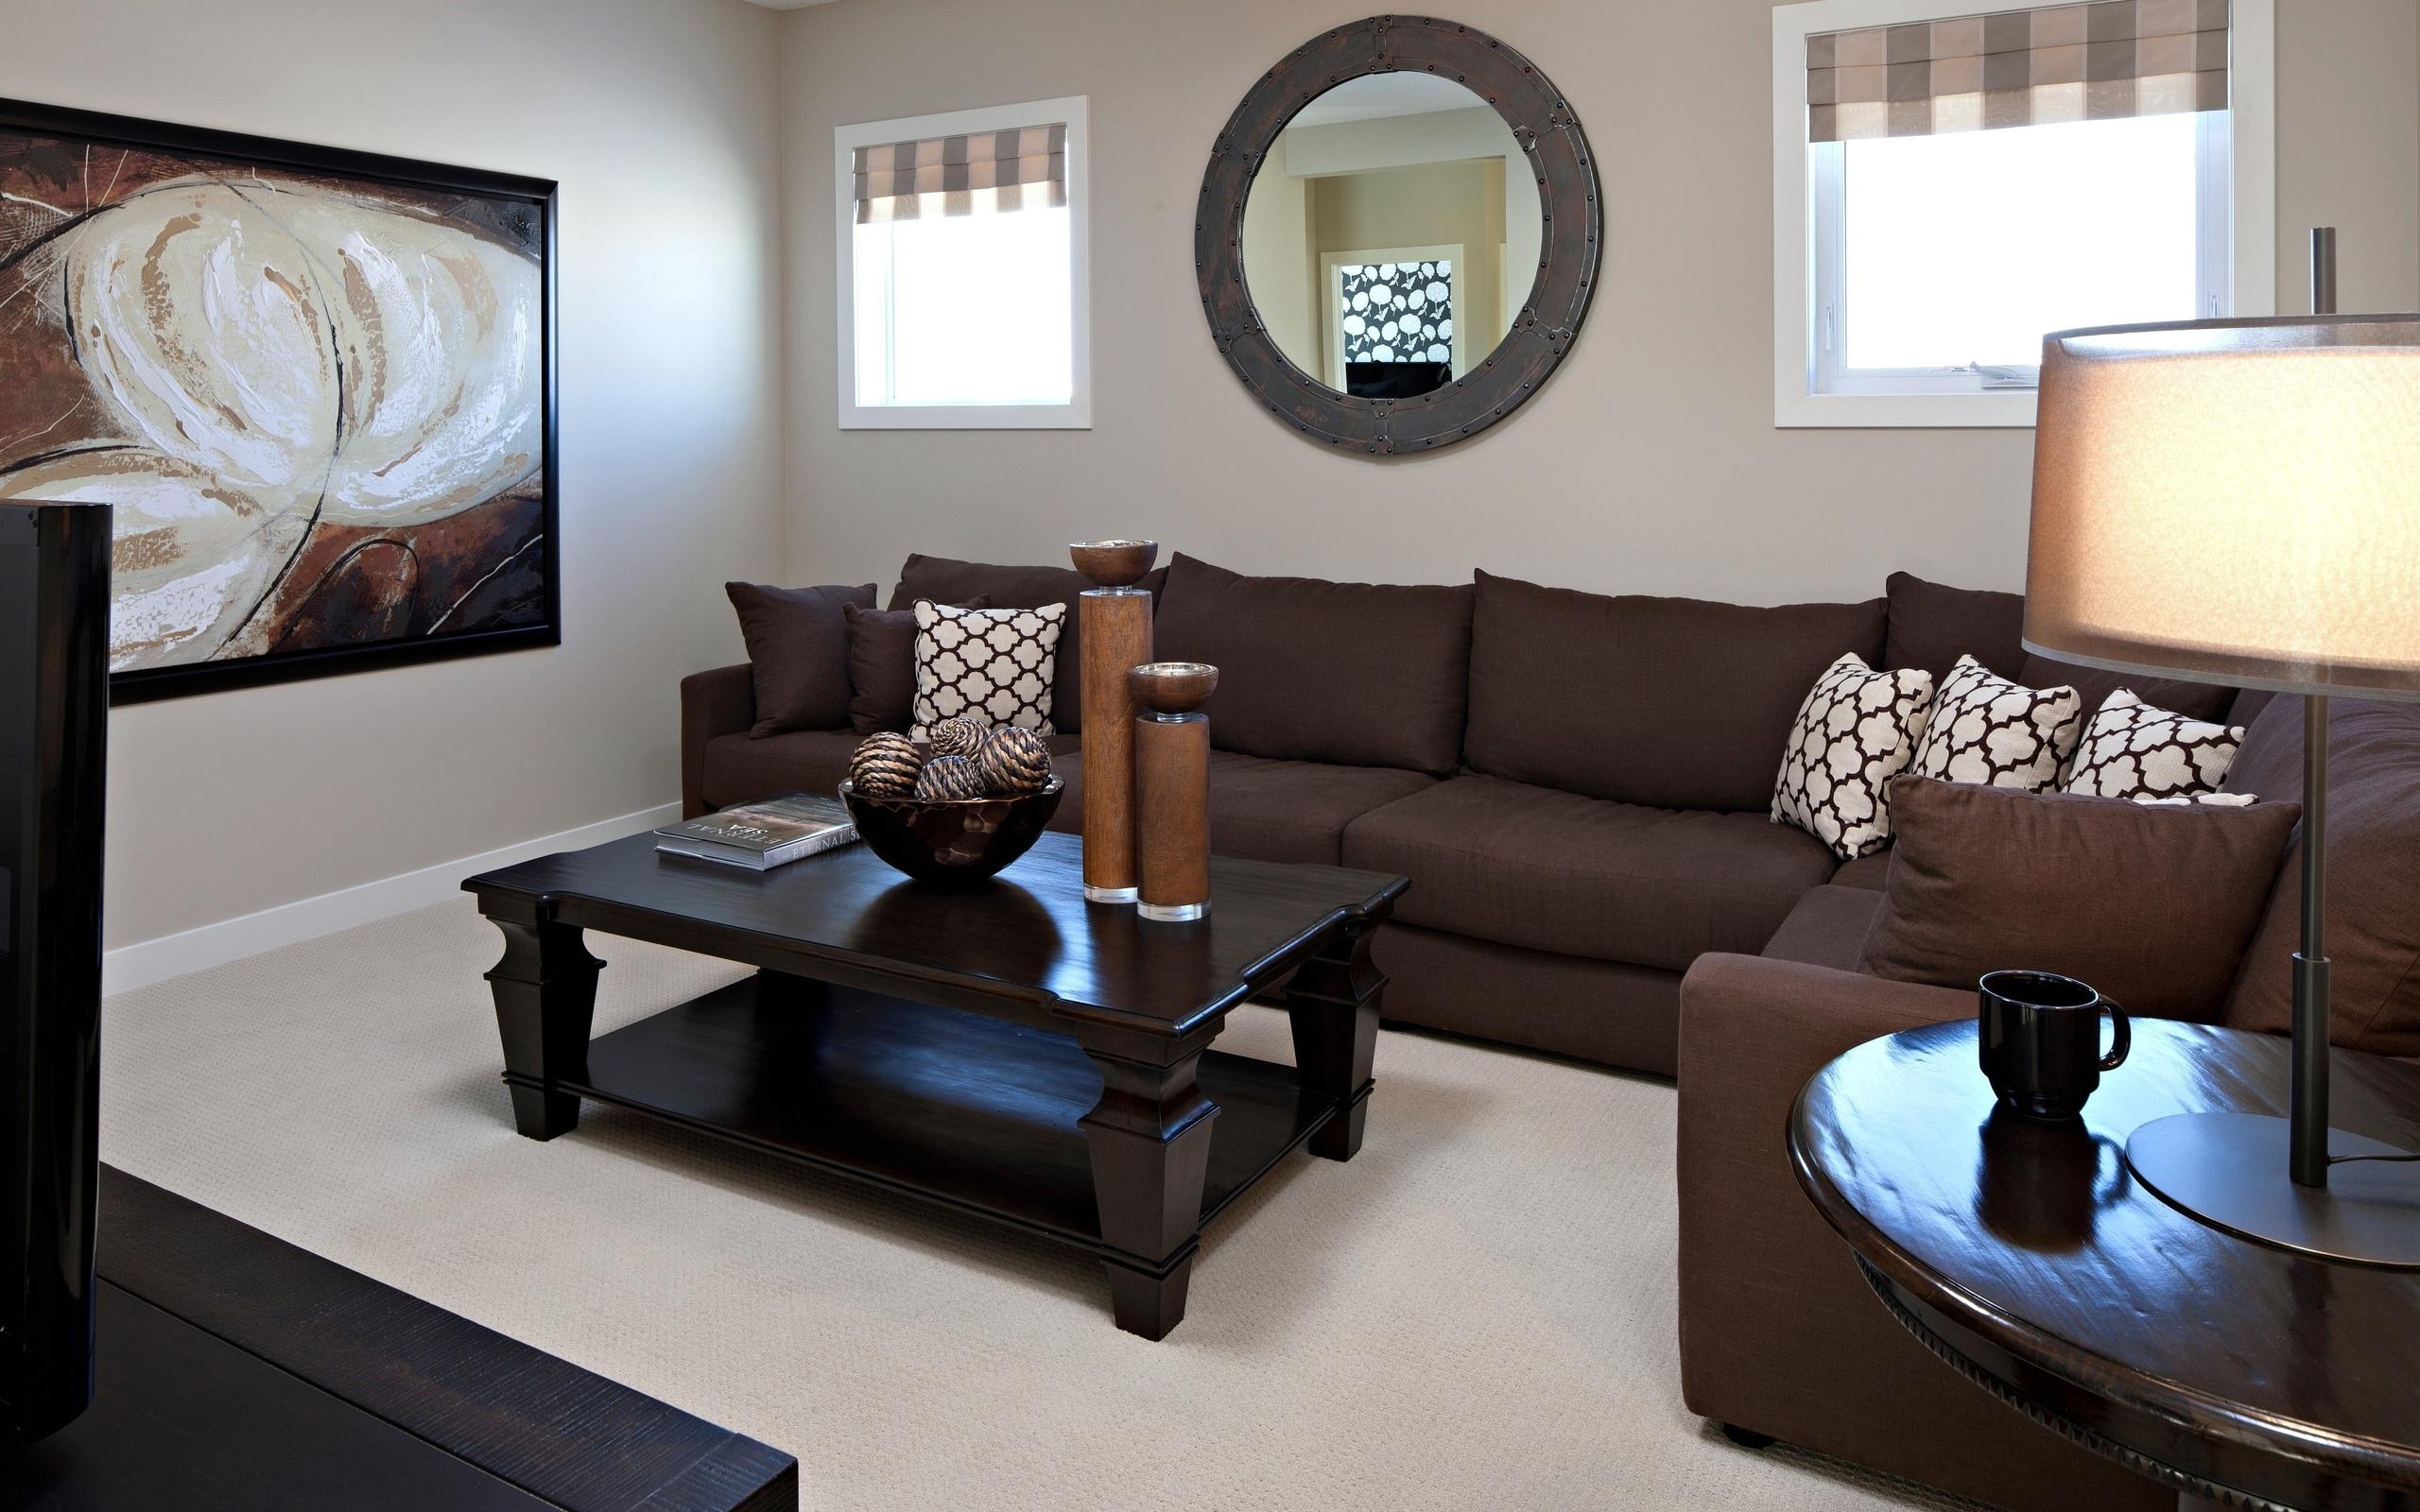 40051 Рекомендации по выбору цветовой гаммы для интерьера гостиной